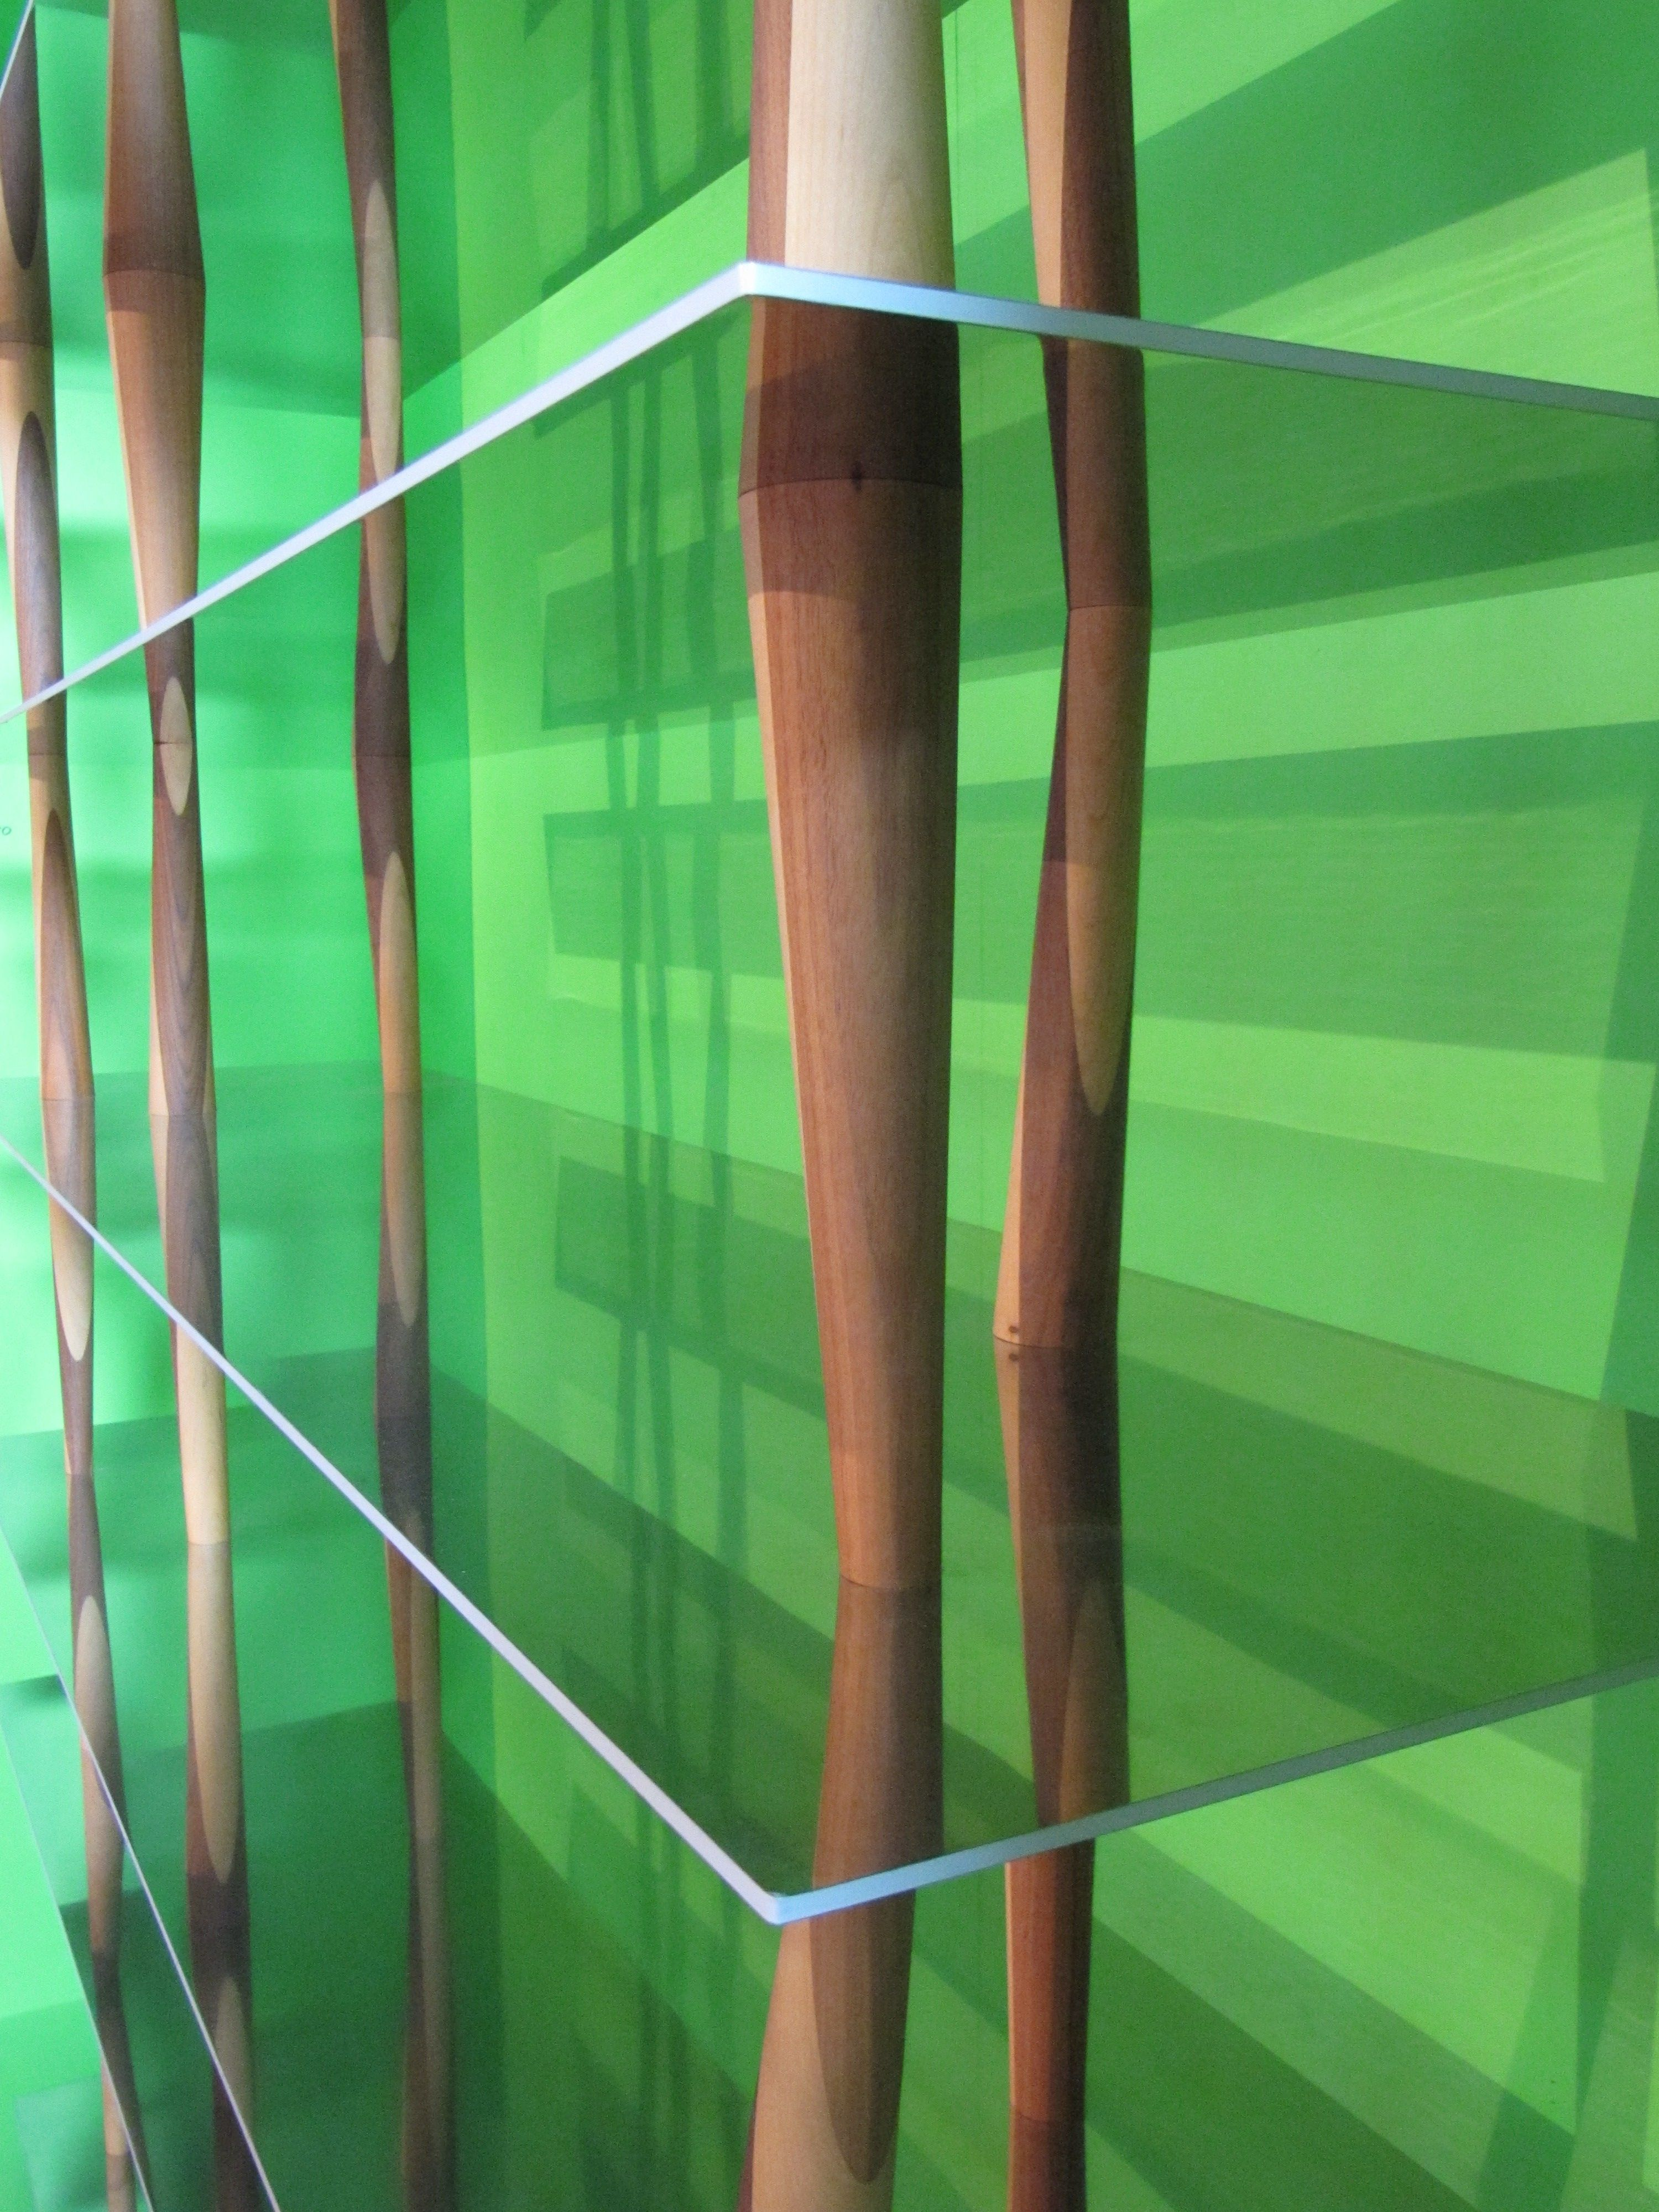 Shelf Sendai By Horm Natural Wood Metal Made In Design Uk